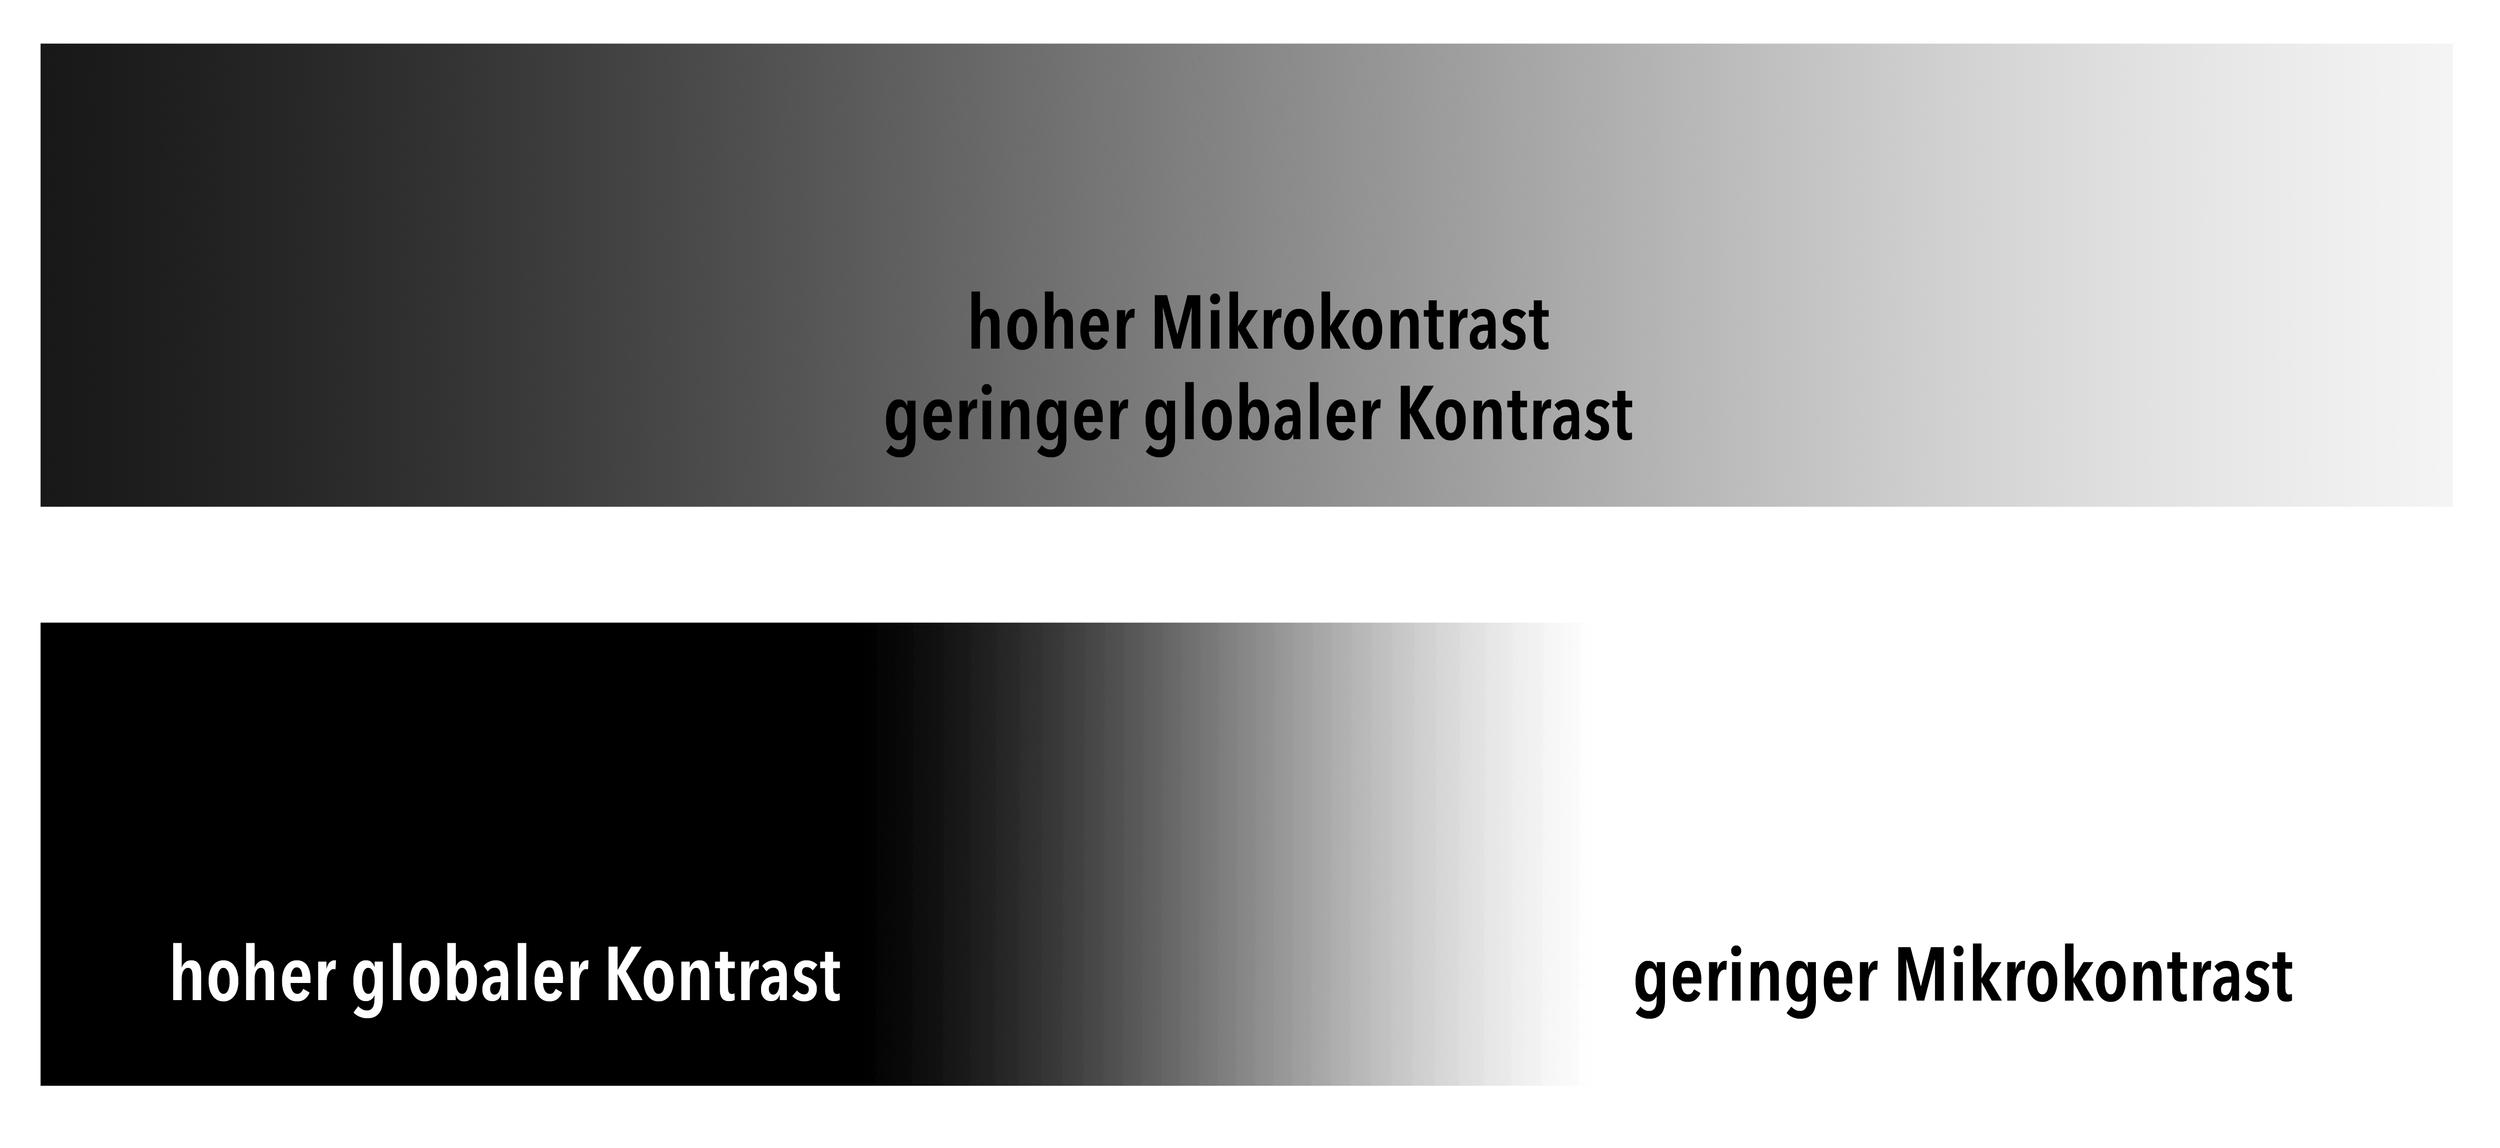 Unterschied zwischen globalem Kontrast und Mikrokontrast. Gilt vom Prinzip her für Farben genauso.Globaler Kontrast und Mikrokontrast schließen sich aber nicht aus und können durchaus gleichzeitig vorhanden sein.